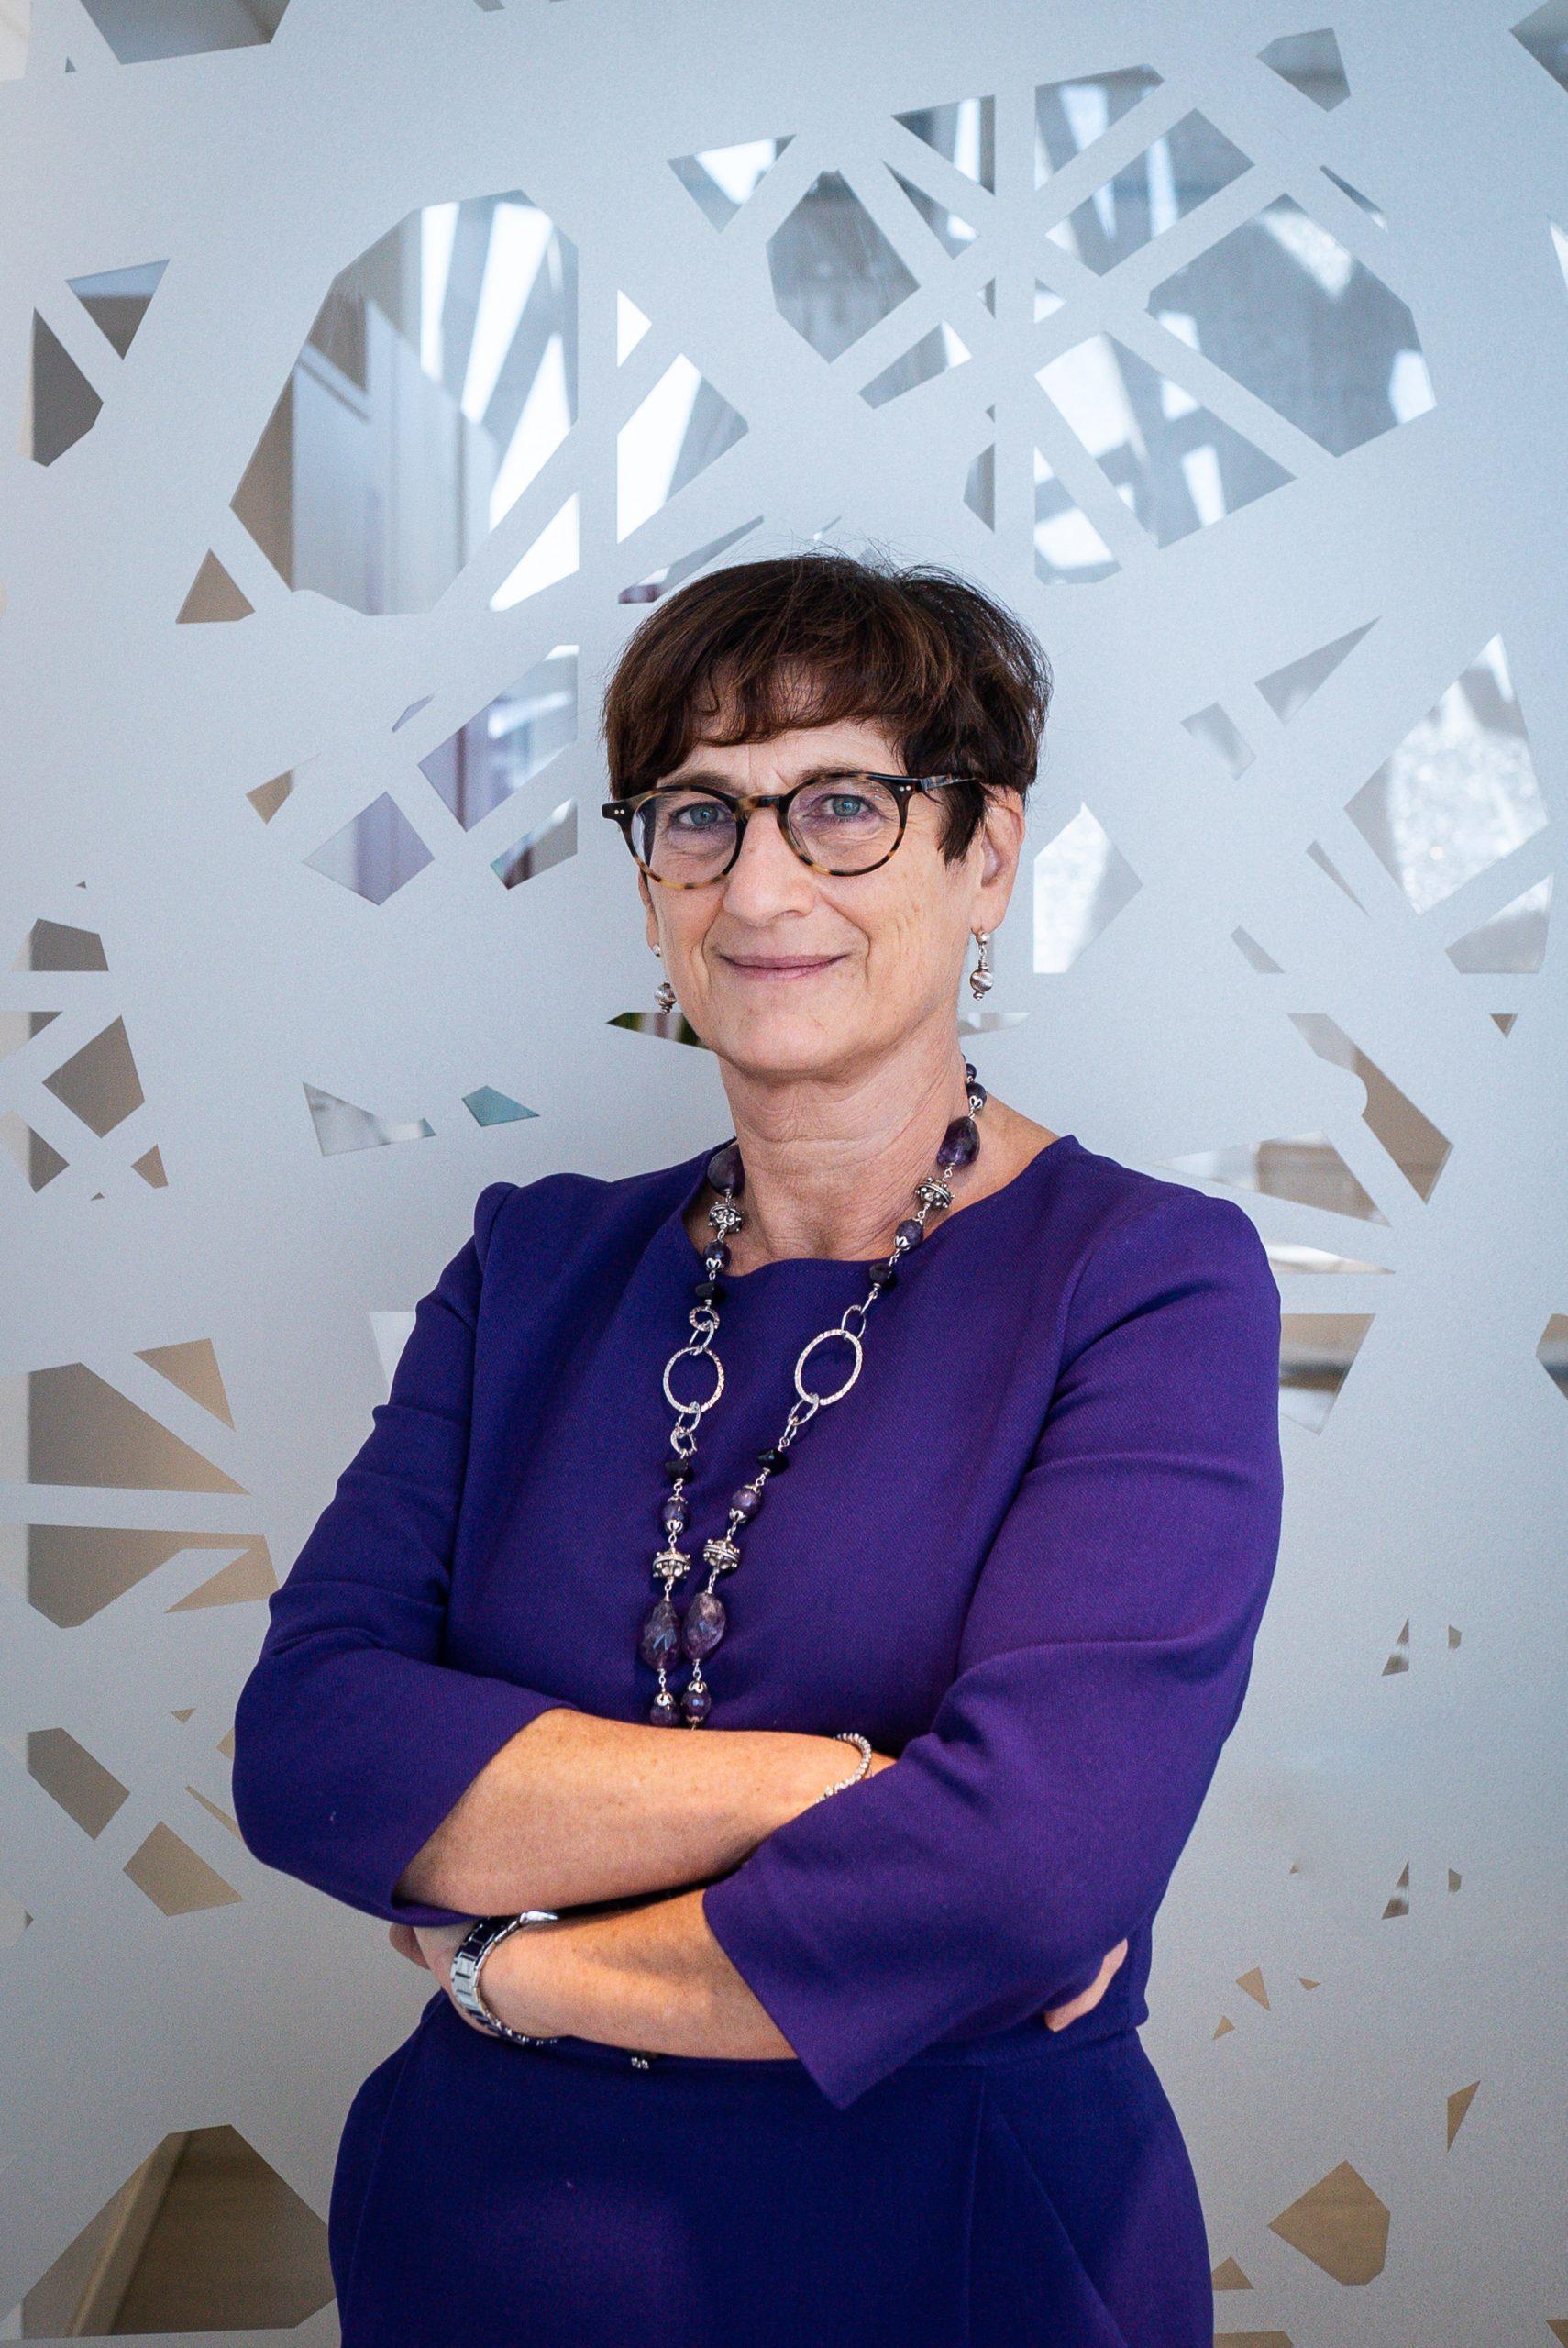 Cristina Enervi